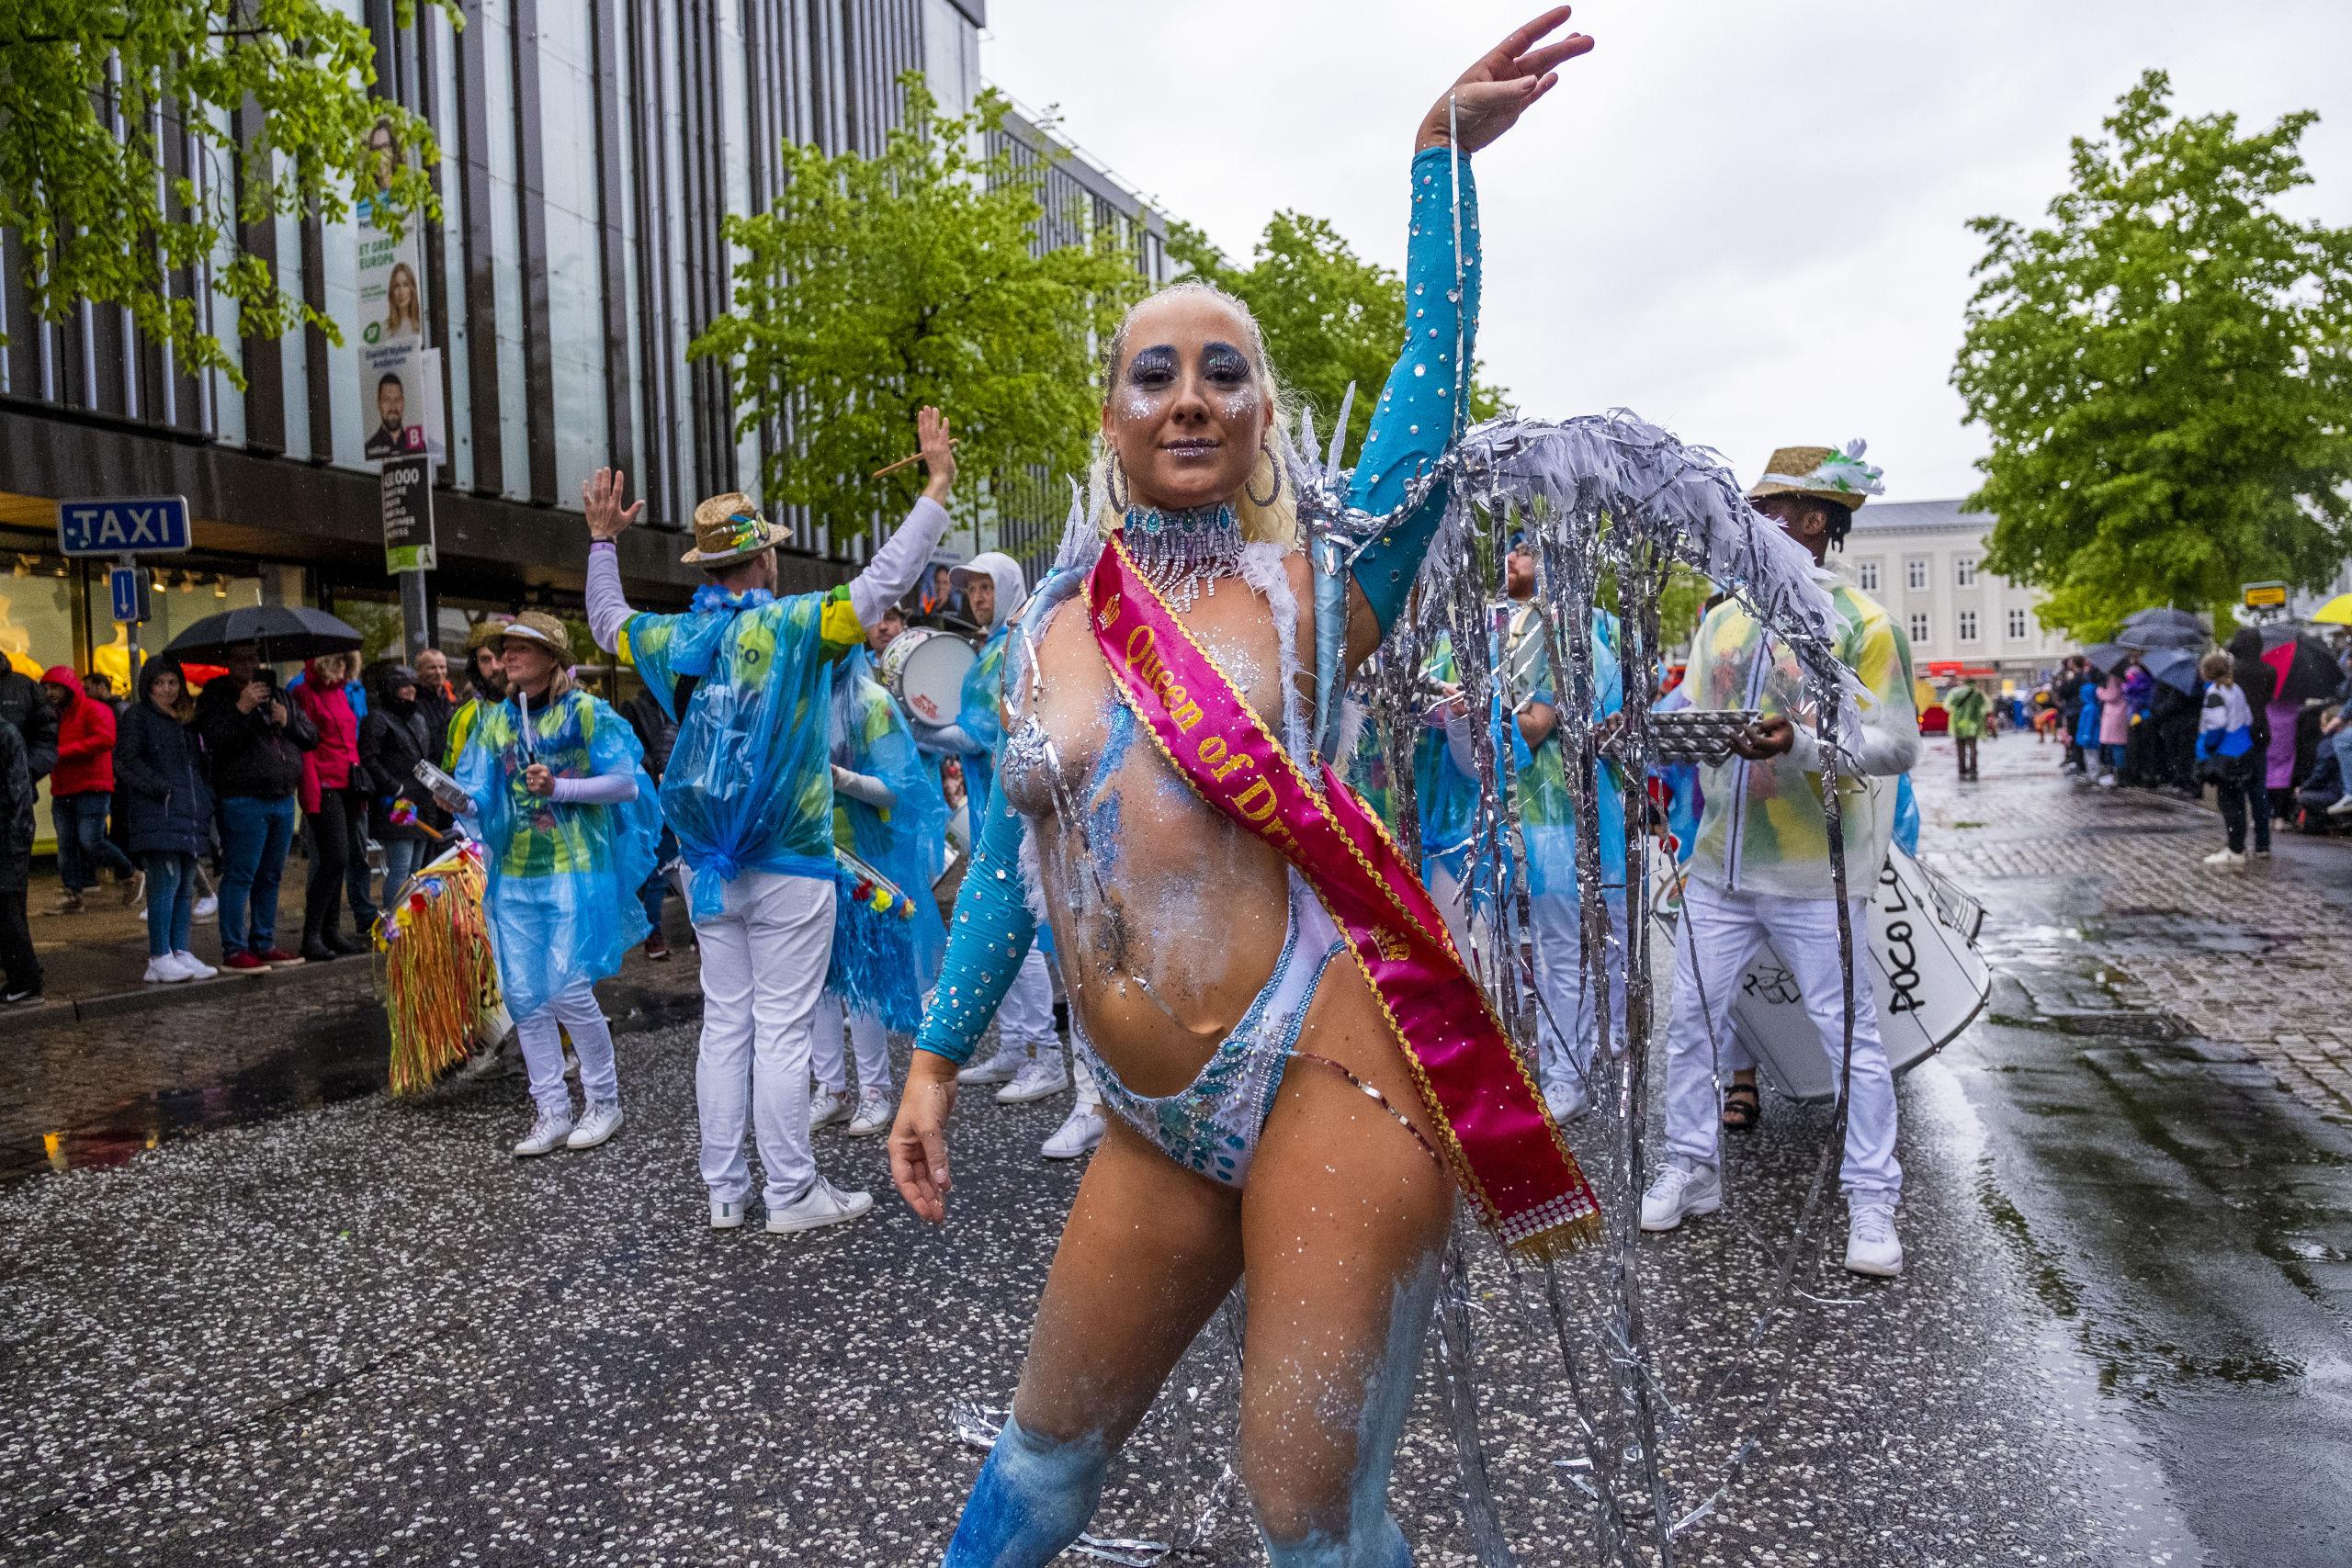 Fem internationale og otte danske grupper satte farver på optoget. Foto: Lasse Sand